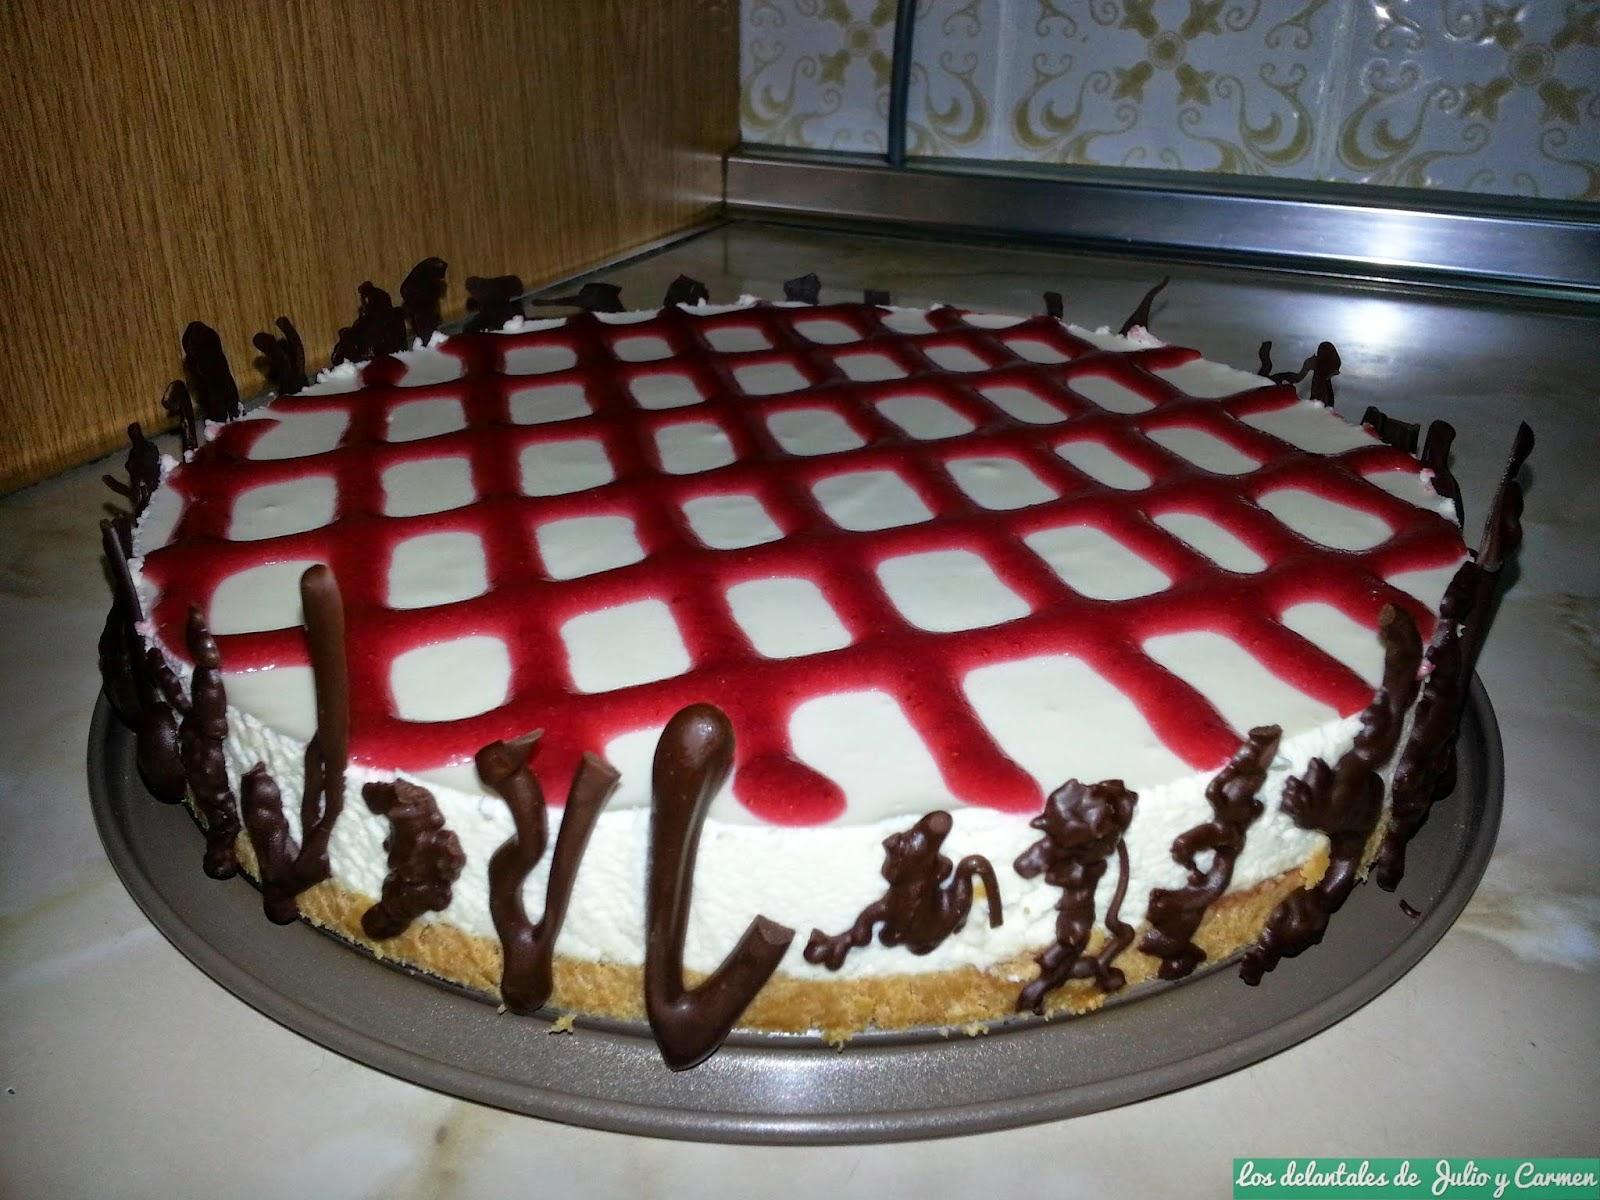 Mousse de chocolate blanco con dulce de fresa